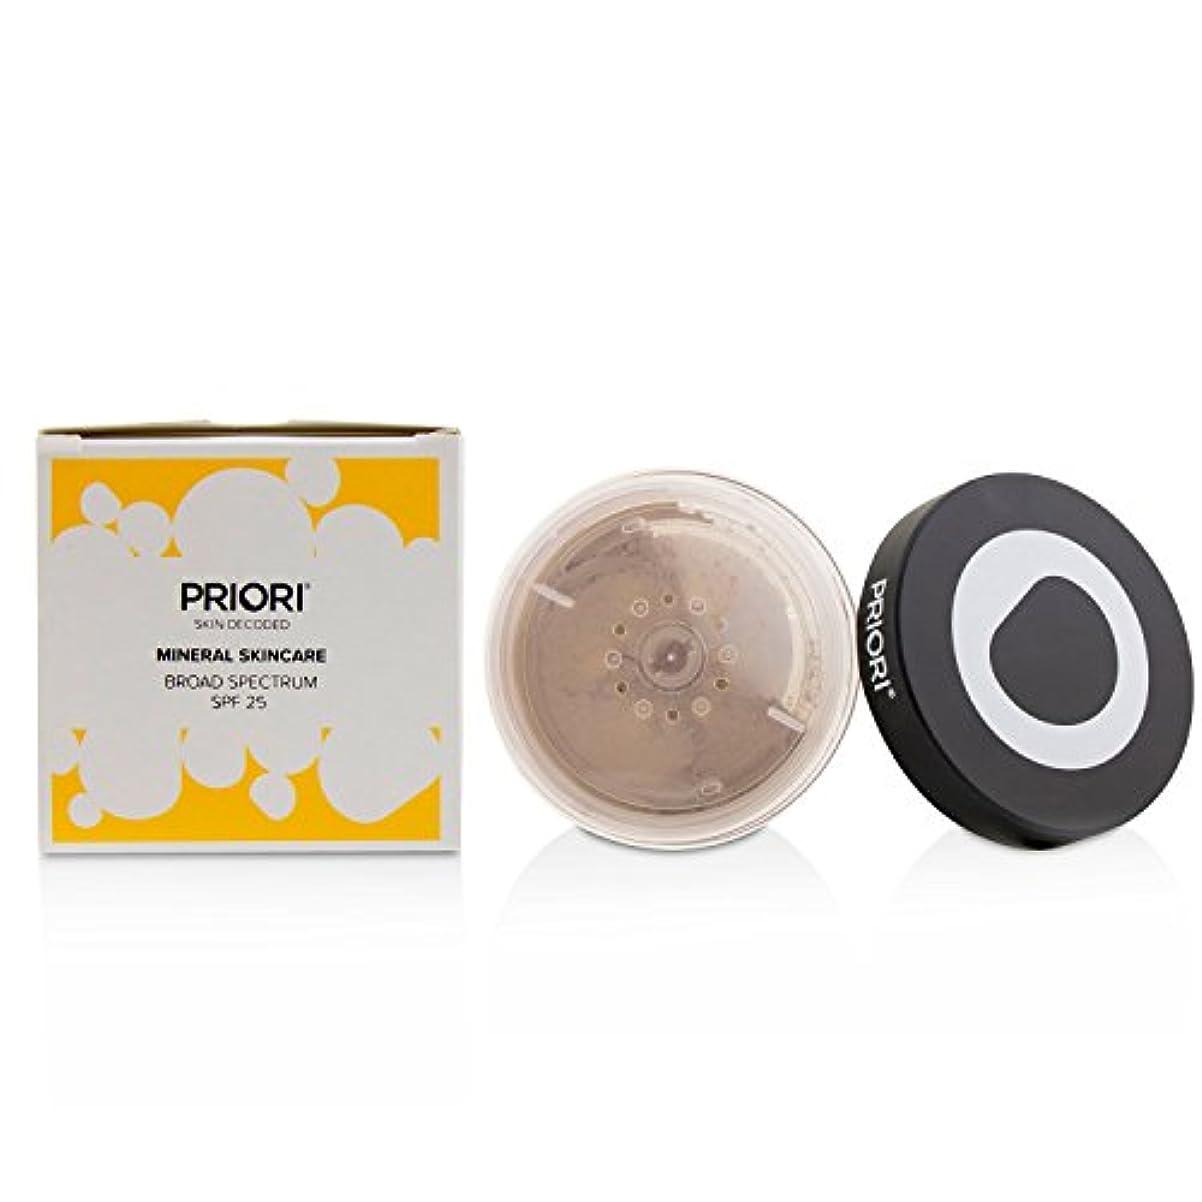 暗い樹皮ふけるプリオリ Mineral Skincare Broad Spectrum SPF25 - # Shade 4 (Fx354) 5g/0.17oz並行輸入品